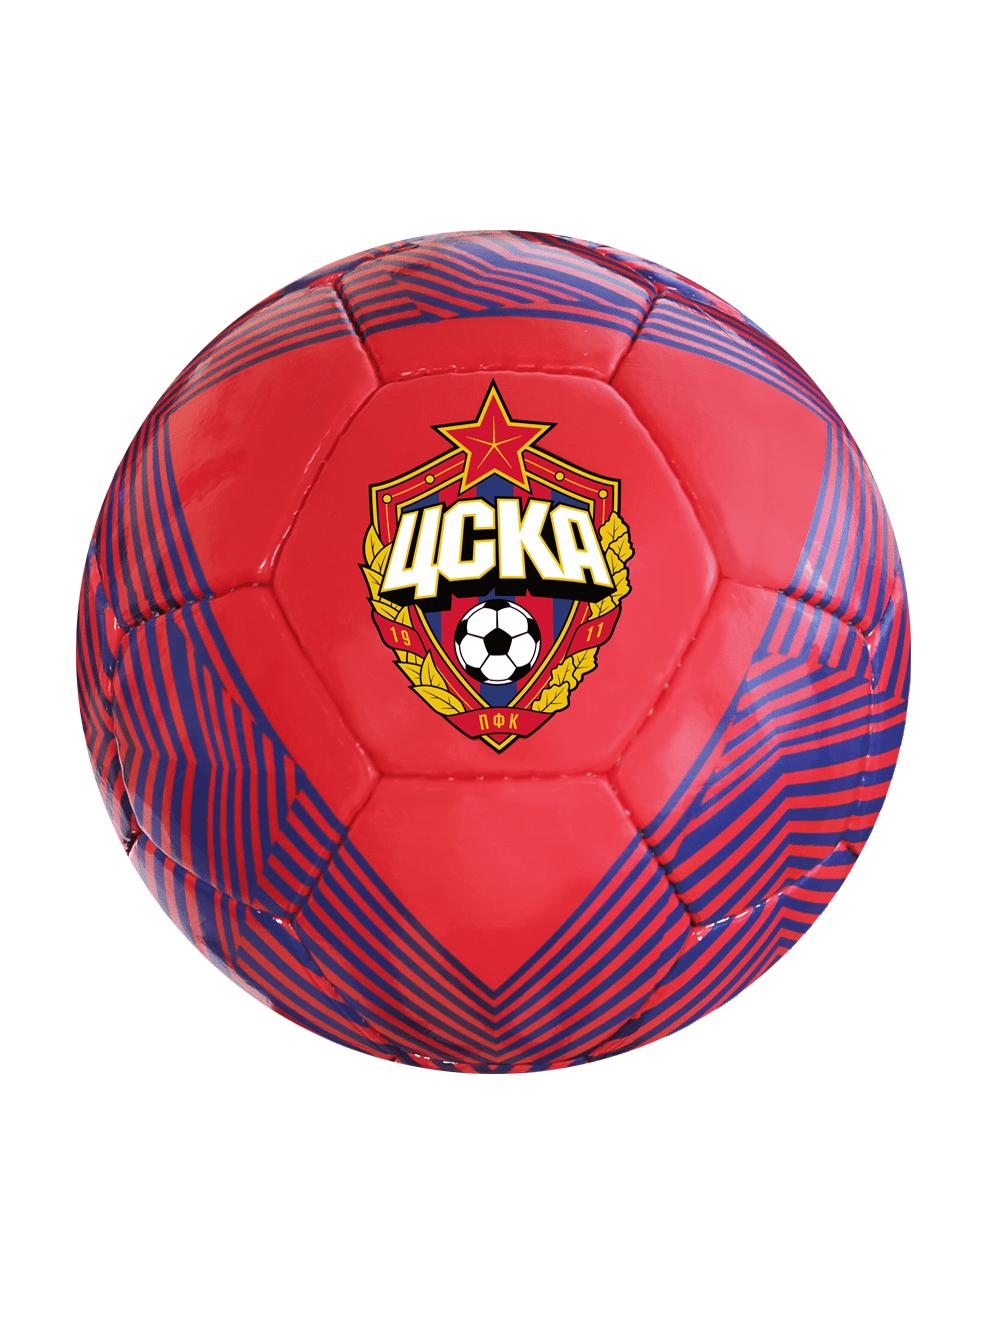 Мяч сувенирный ЭМБЛЕМА,  размер 5, цвет красный